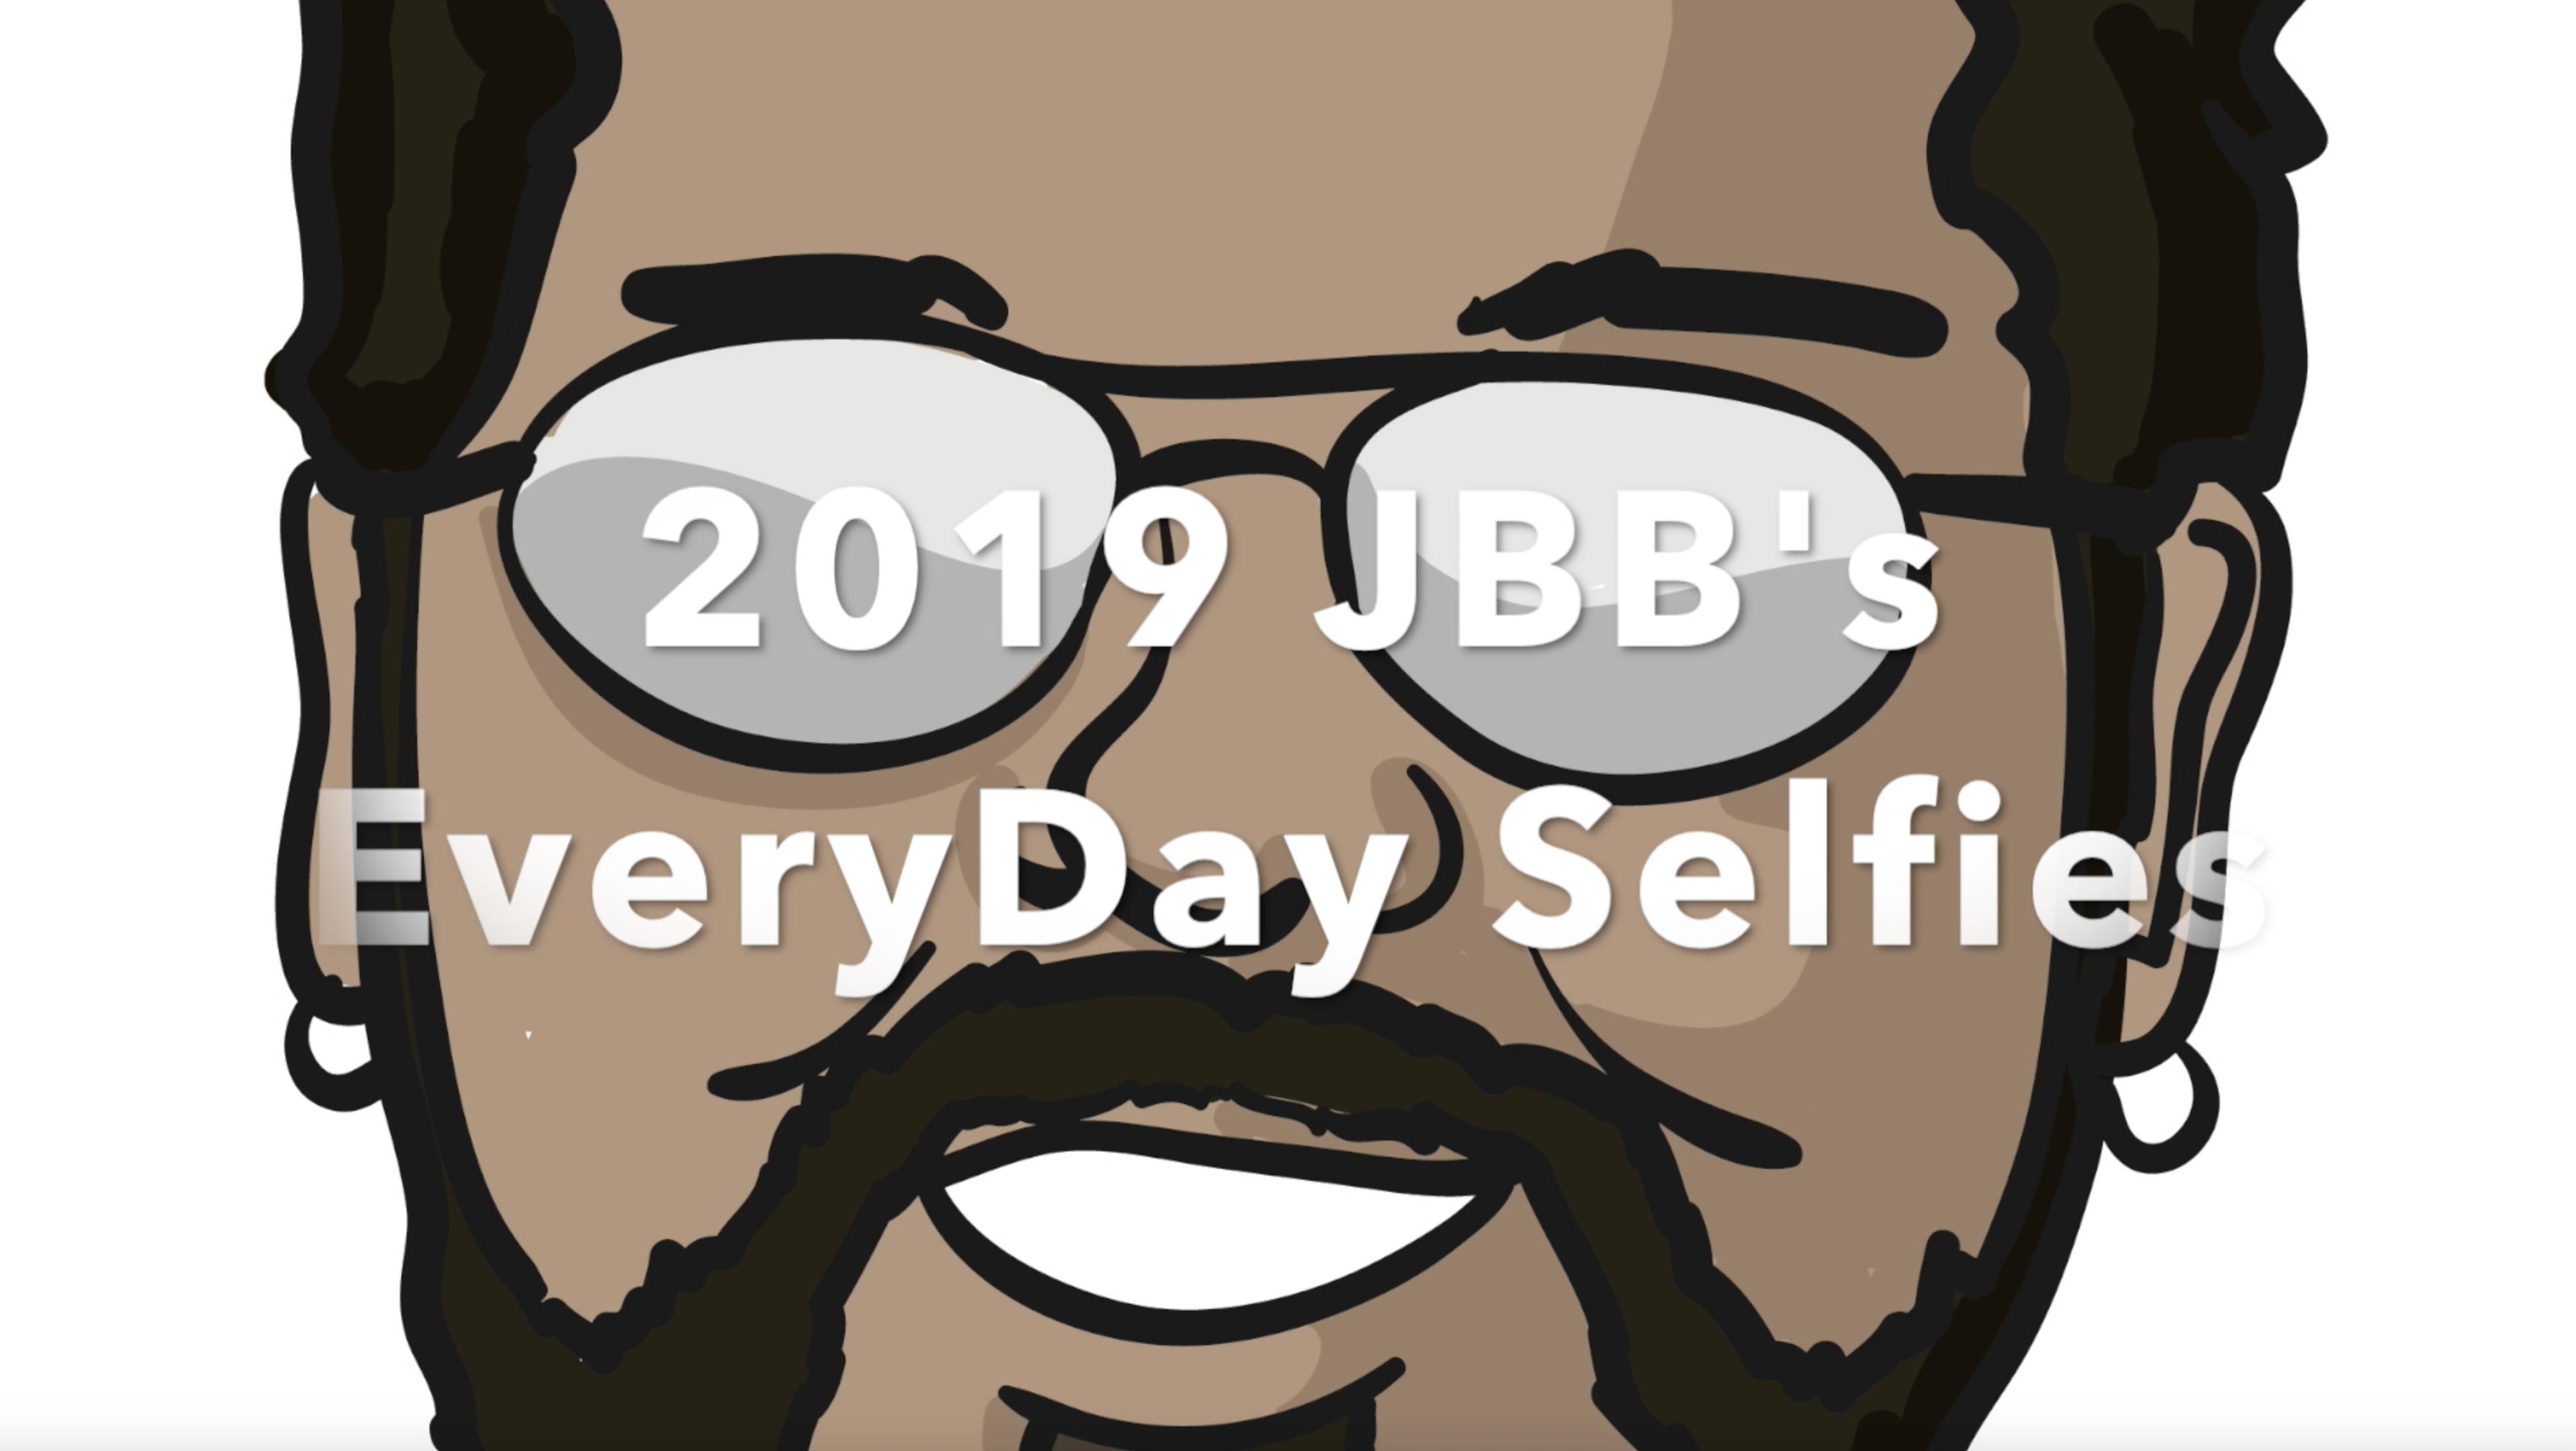 2019 JBB's EveryDay Selfie video